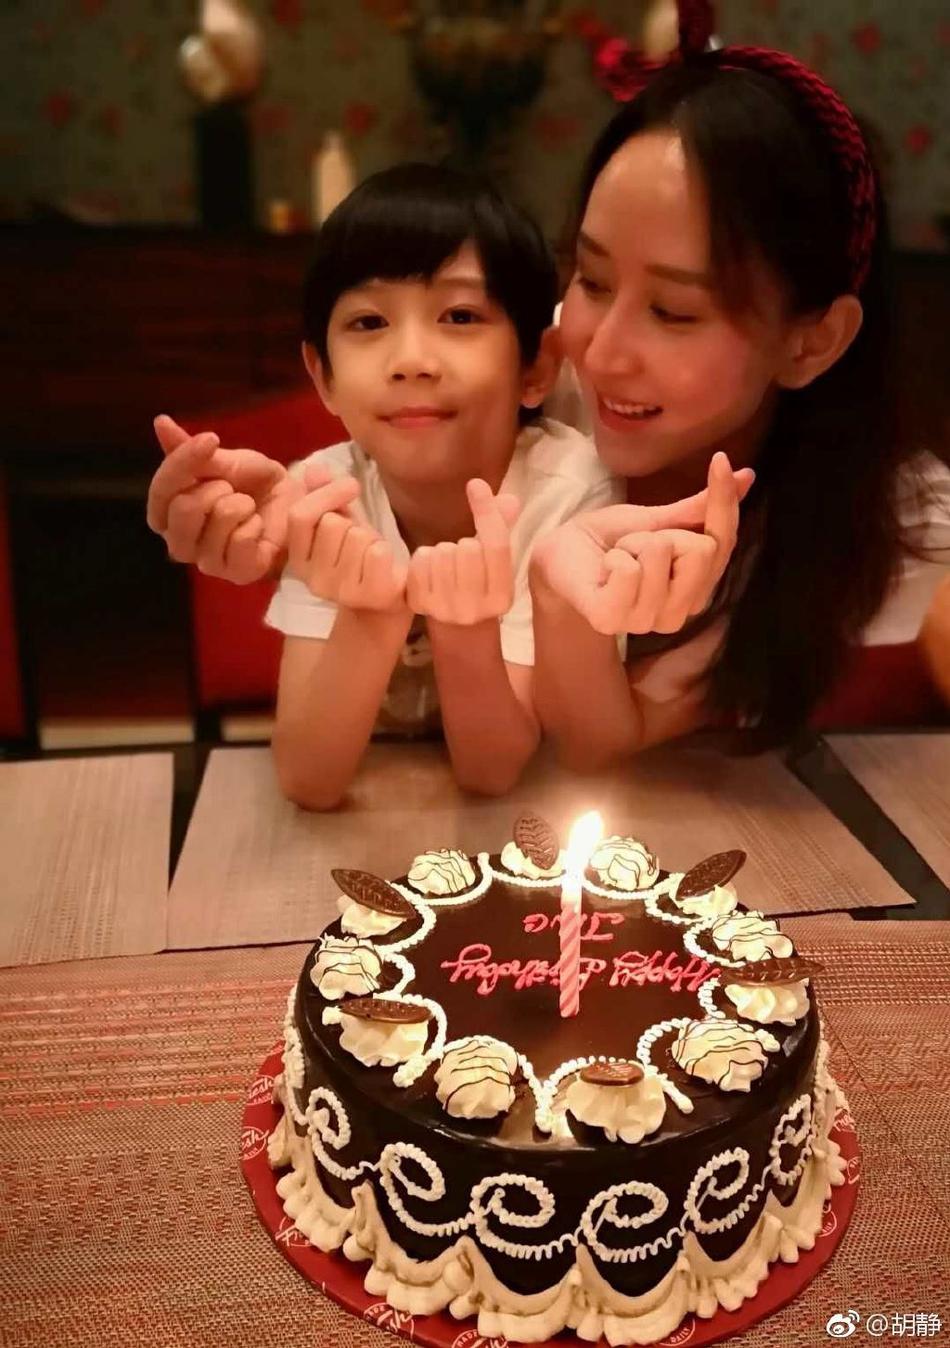 组图 胡静40岁生日晒照美貌不减 9岁儿子出镜像极了妈妈